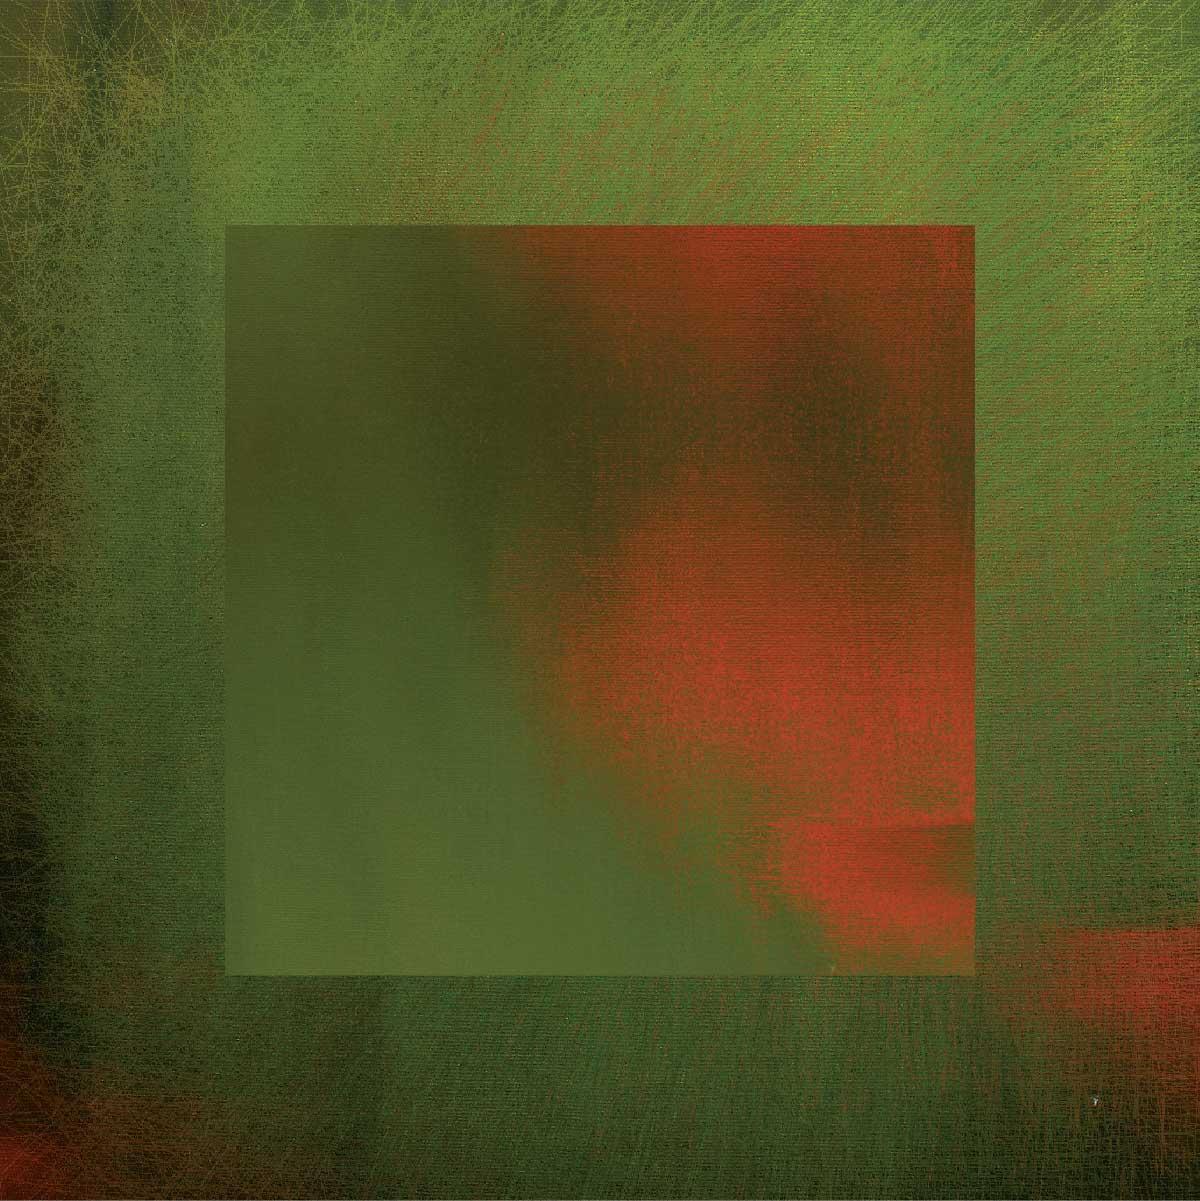 s-glitch_06-14_oil2-08